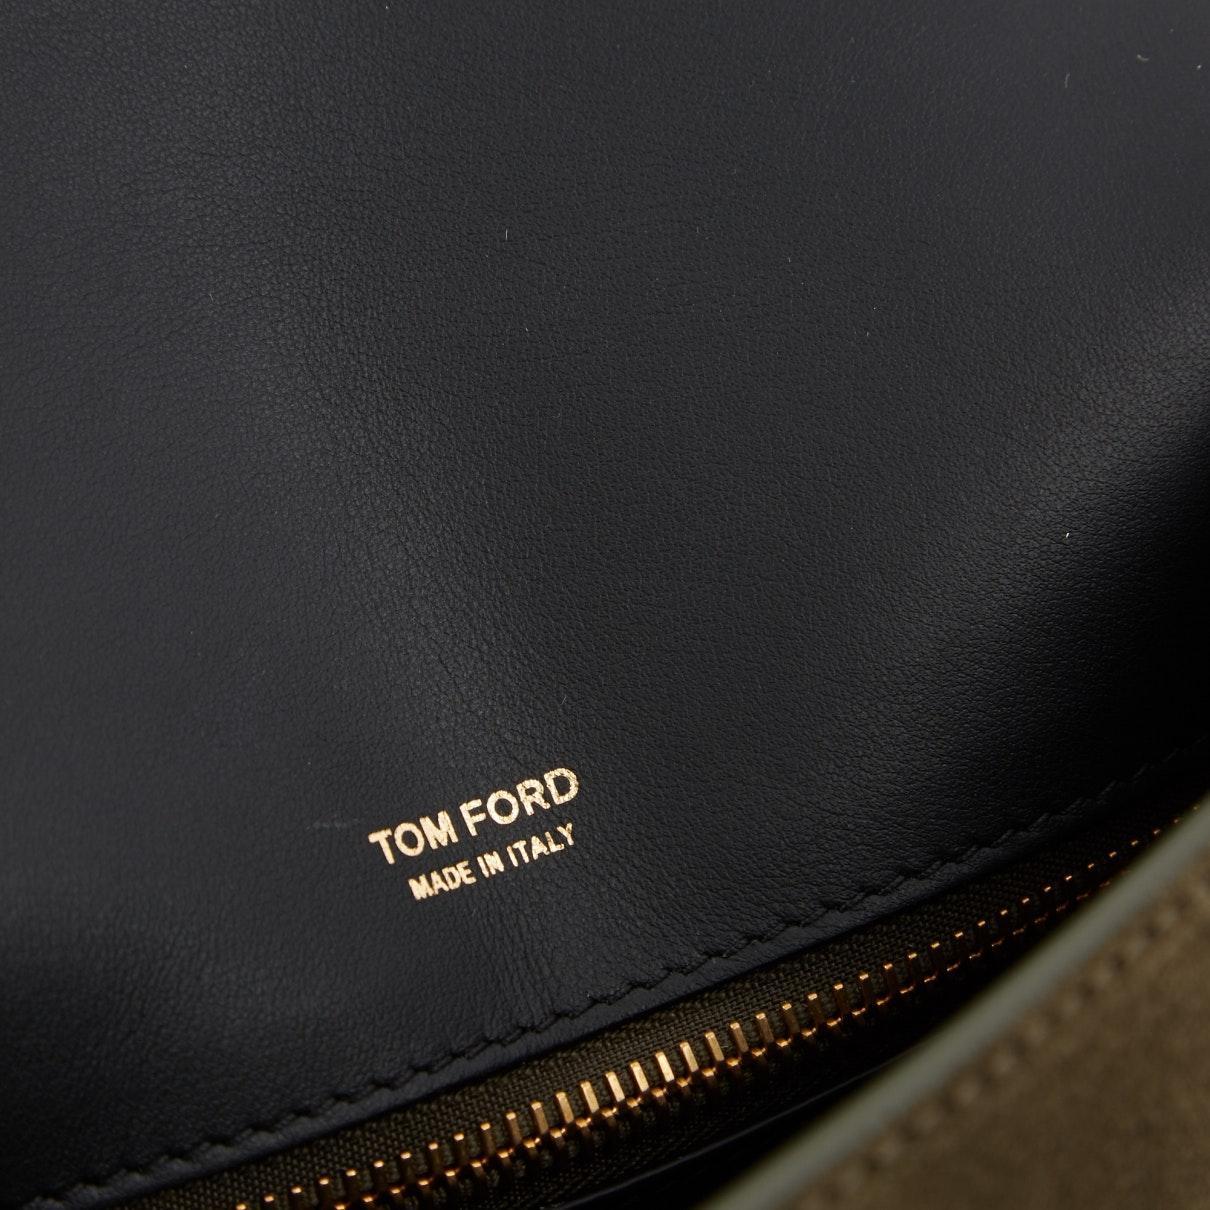 Sac à main en Suede Kaki Tom Ford Rpl3